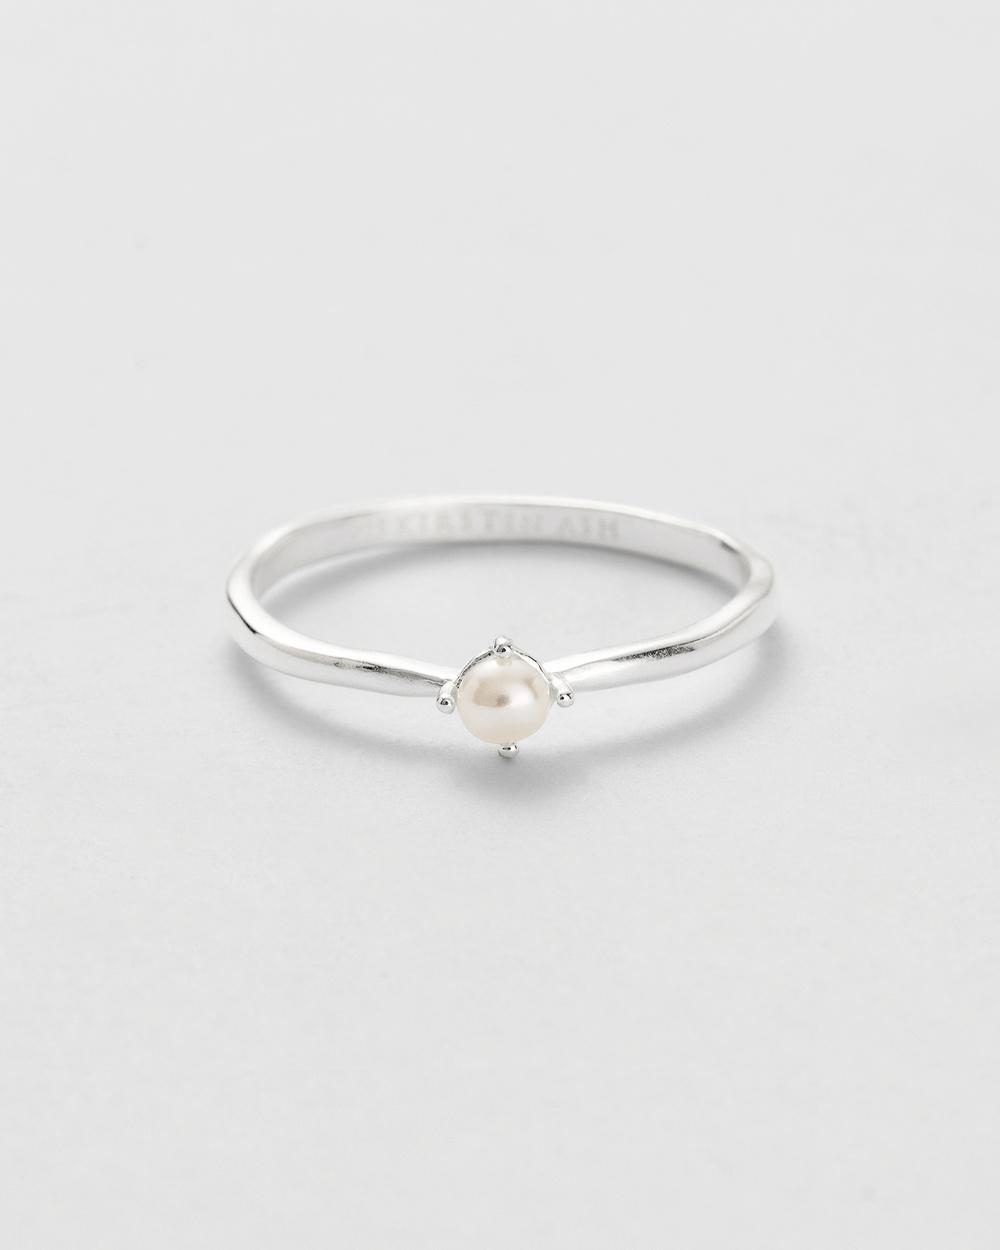 Kirstin Ash Moon Tide Pearl Ring Jewellery Silver